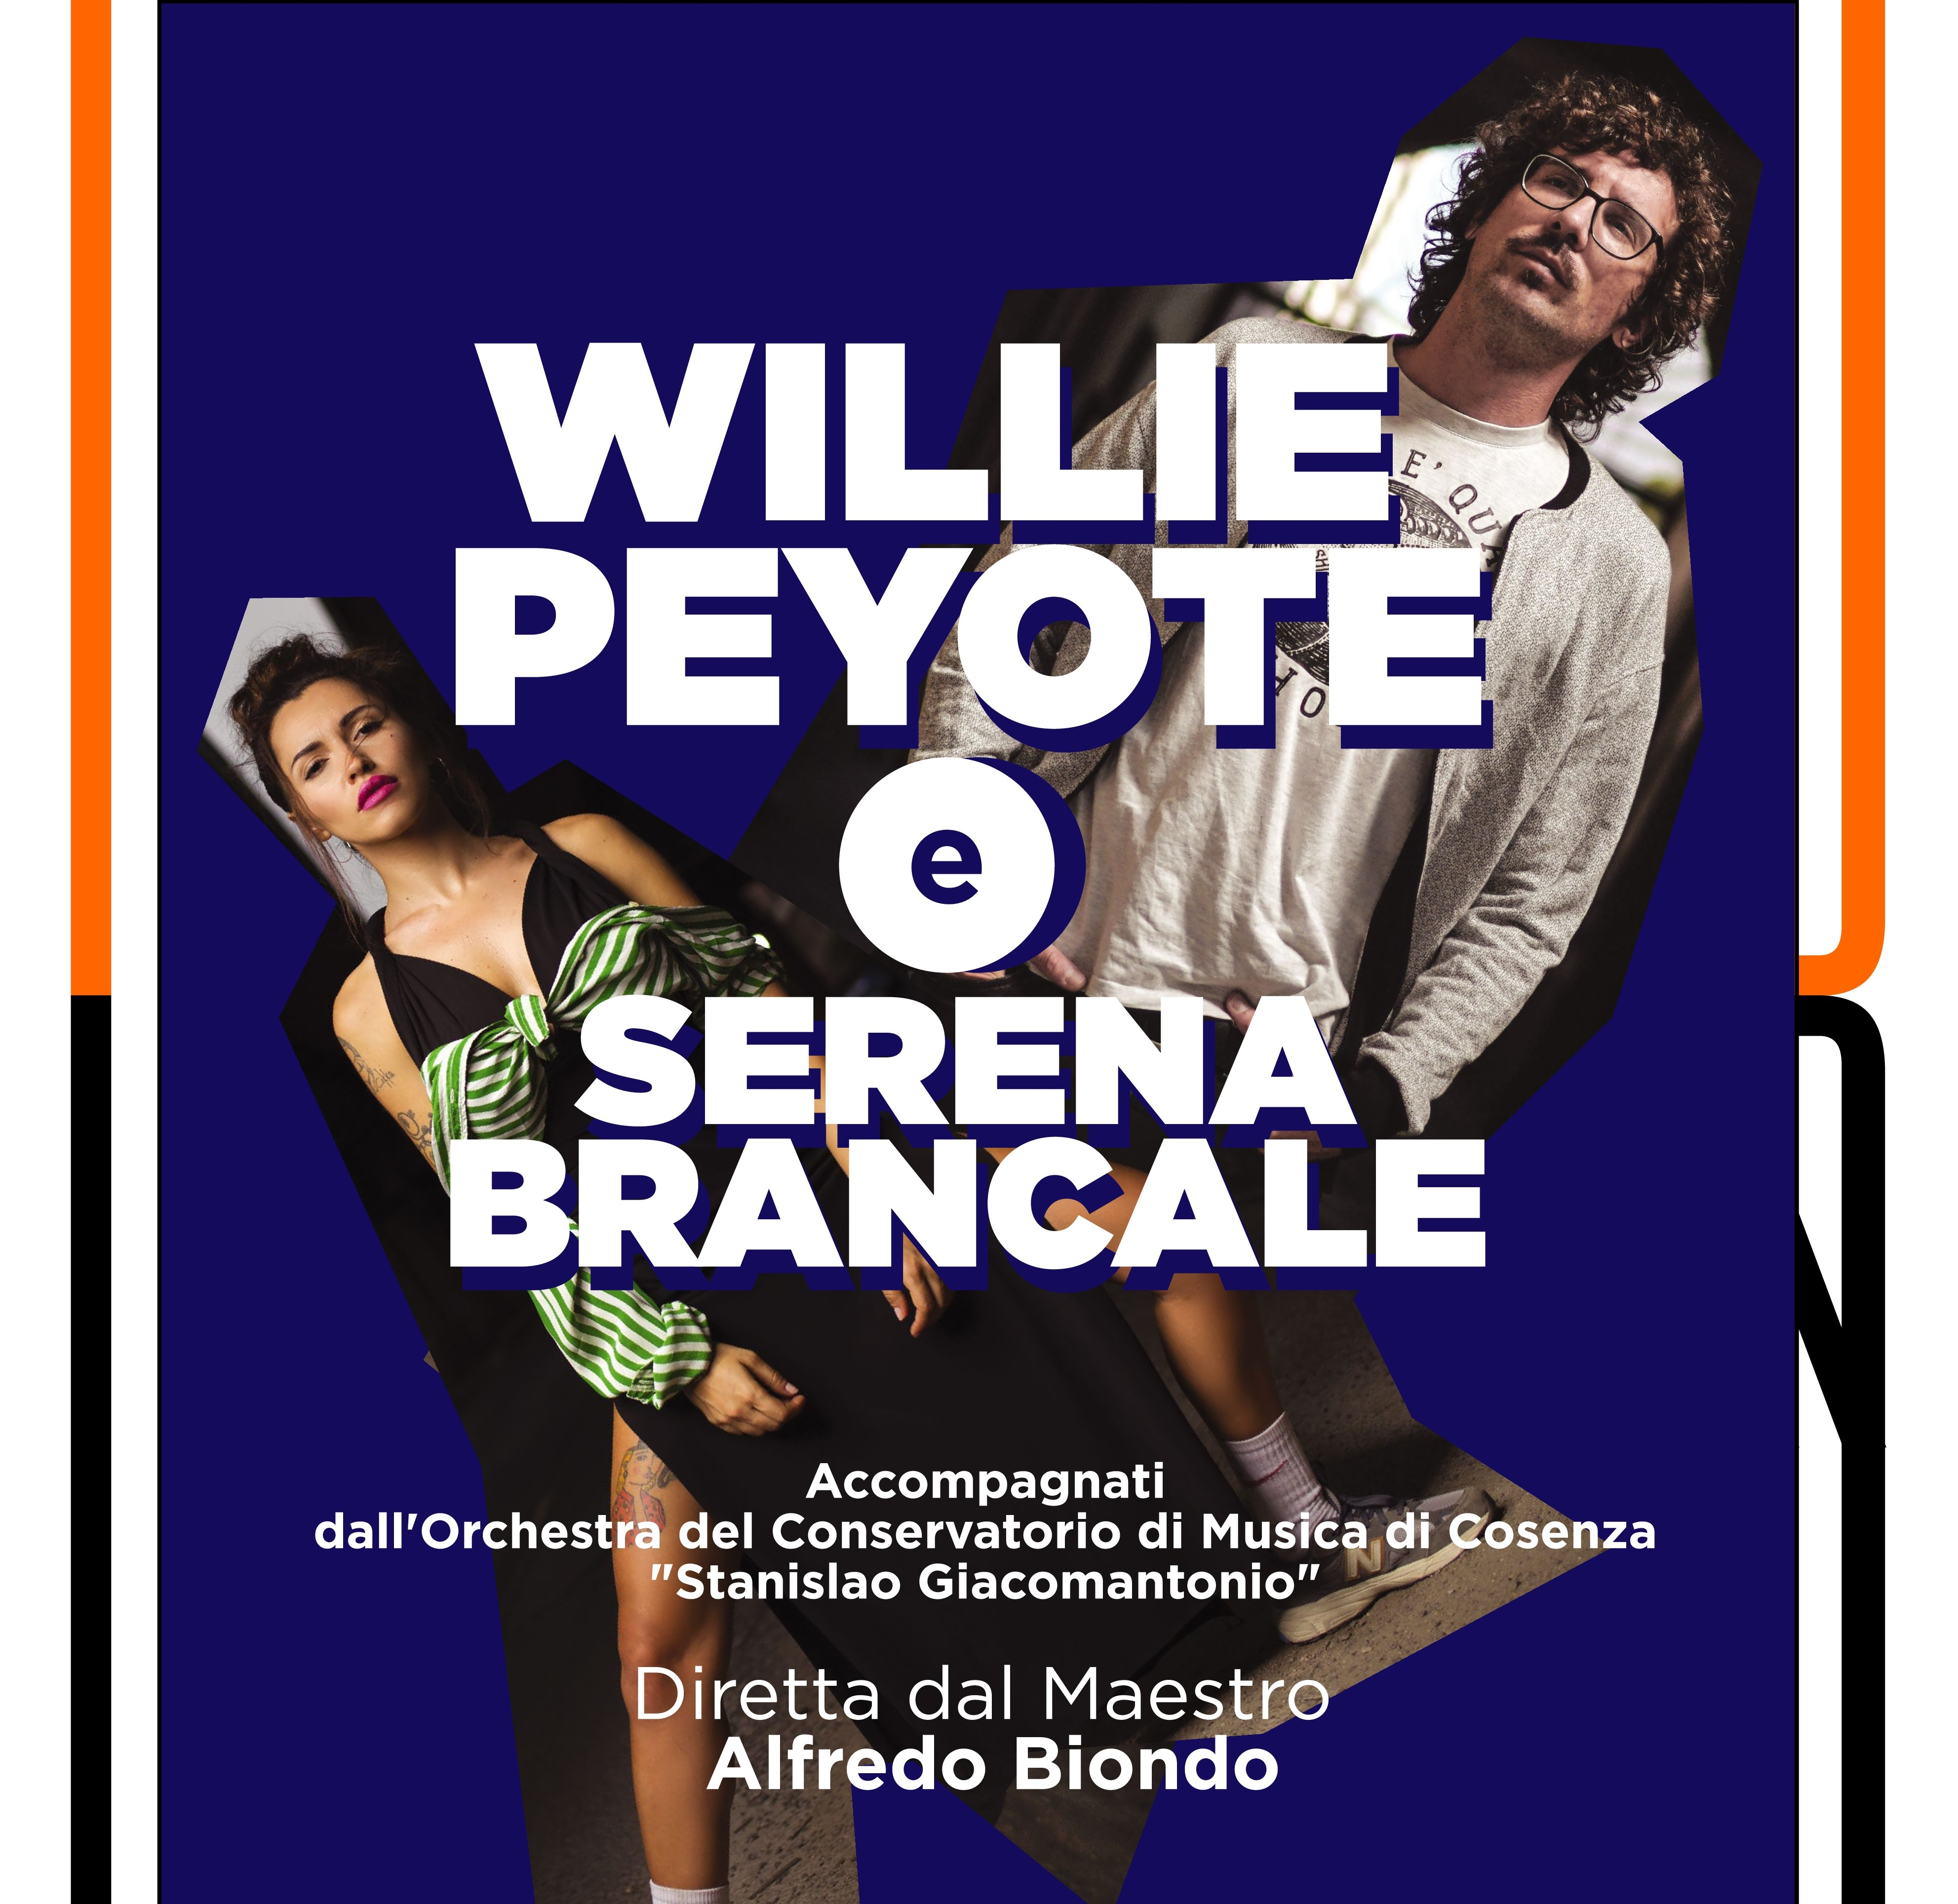 PEYOTE E BRANCALE